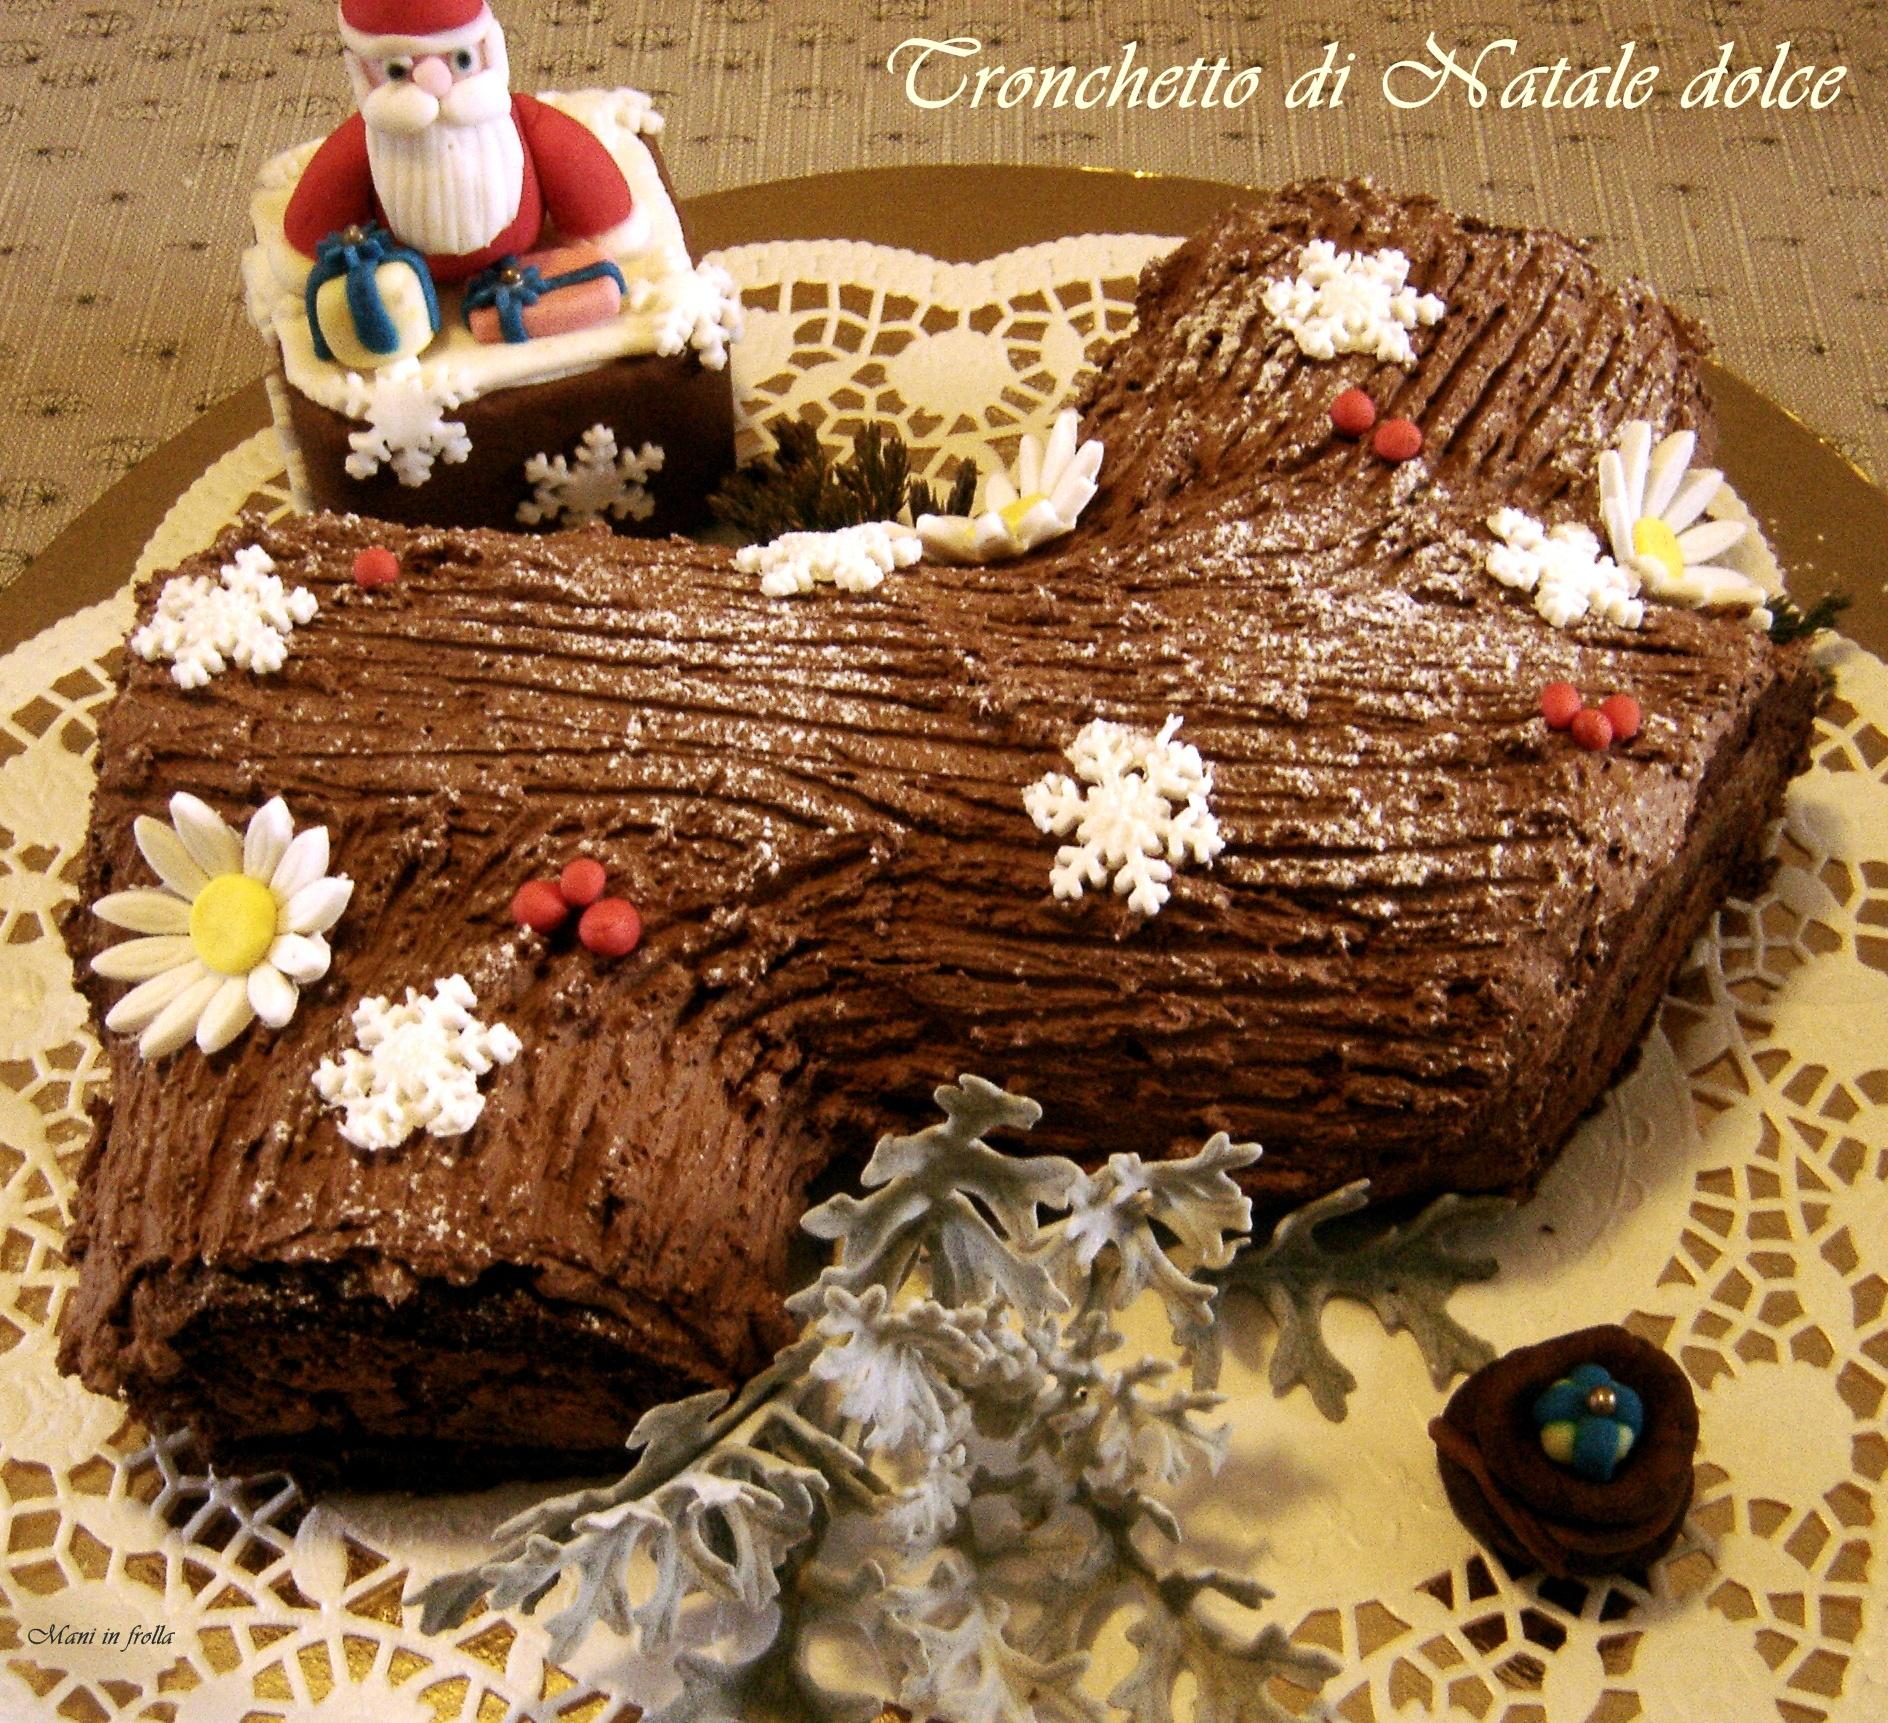 Tronchetto di Natale - Buche de Noel